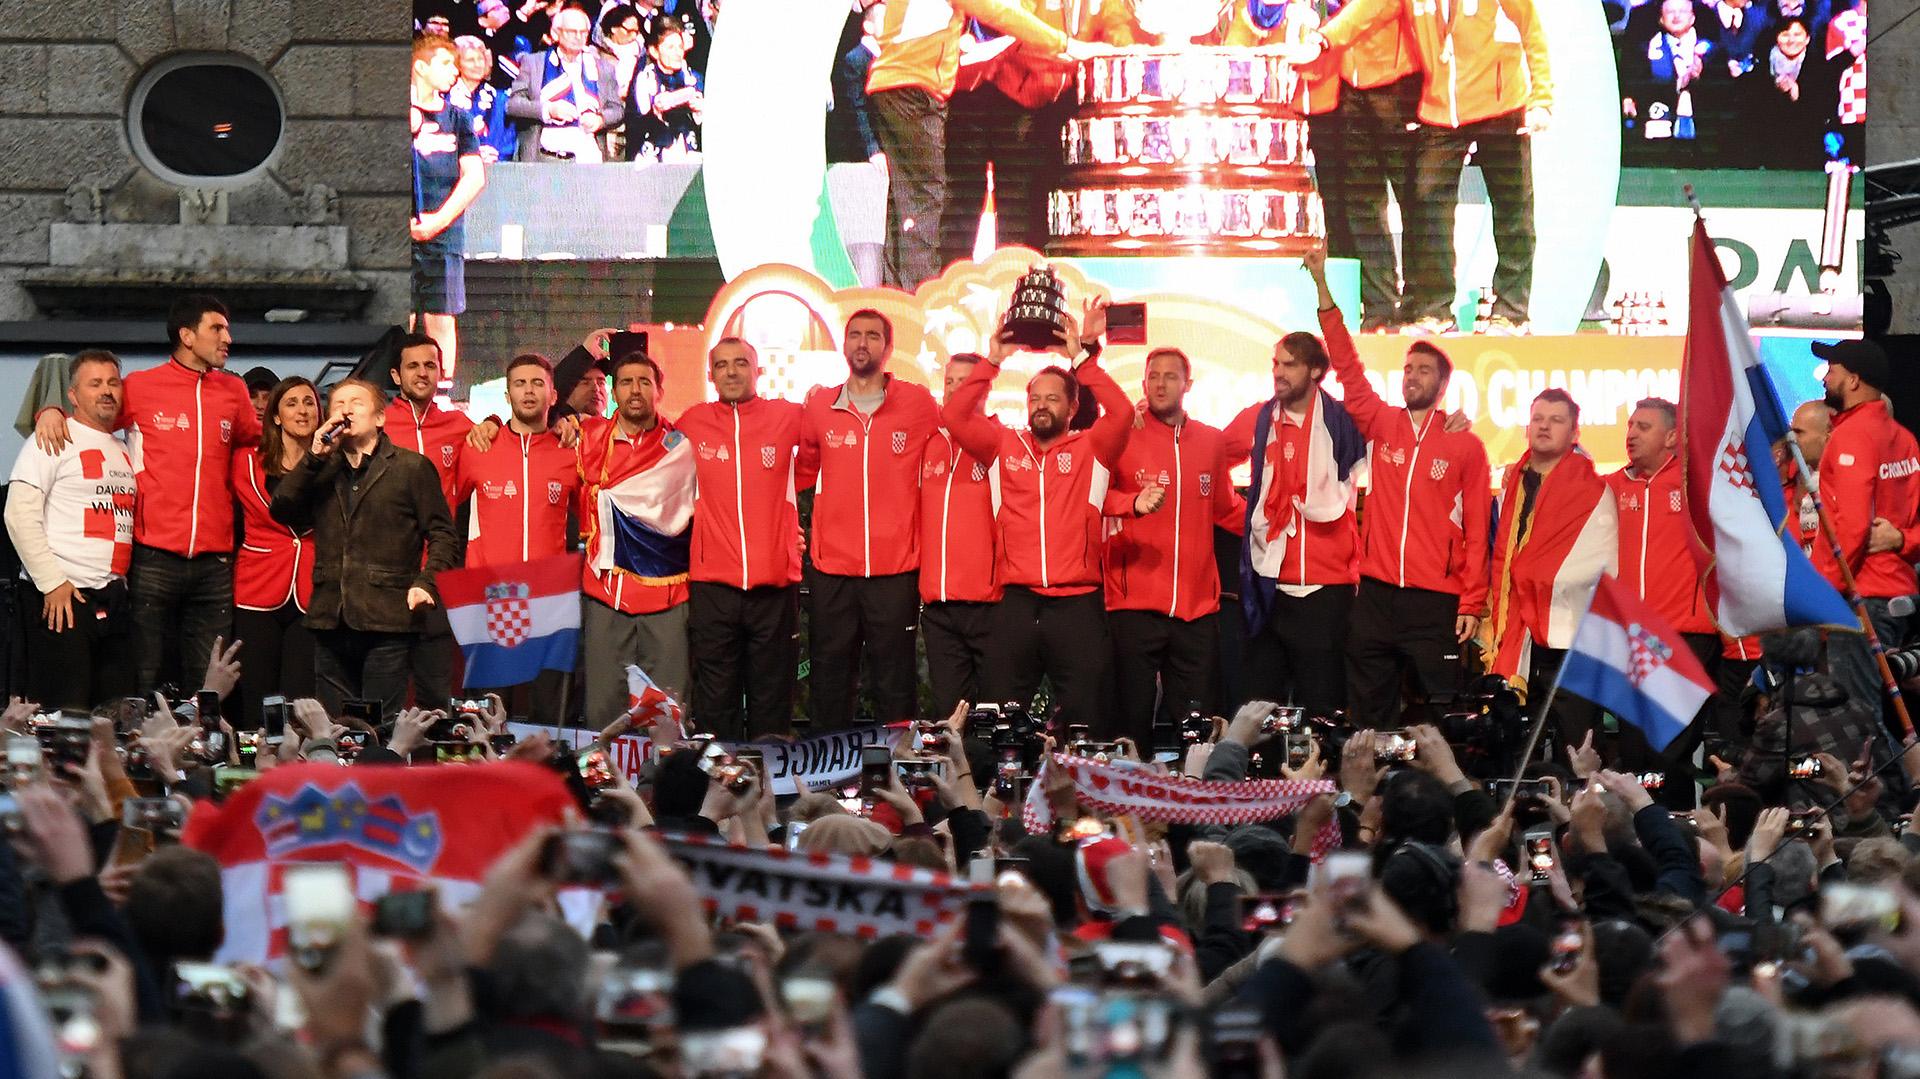 Después del festejo popular en el centro de la ciudad, el equipo de Copa Davis se dirigióal palacio presidencial de Pantovcak, para ser condecorados por la presidenta, Kolinda Grabar-Kitarovic